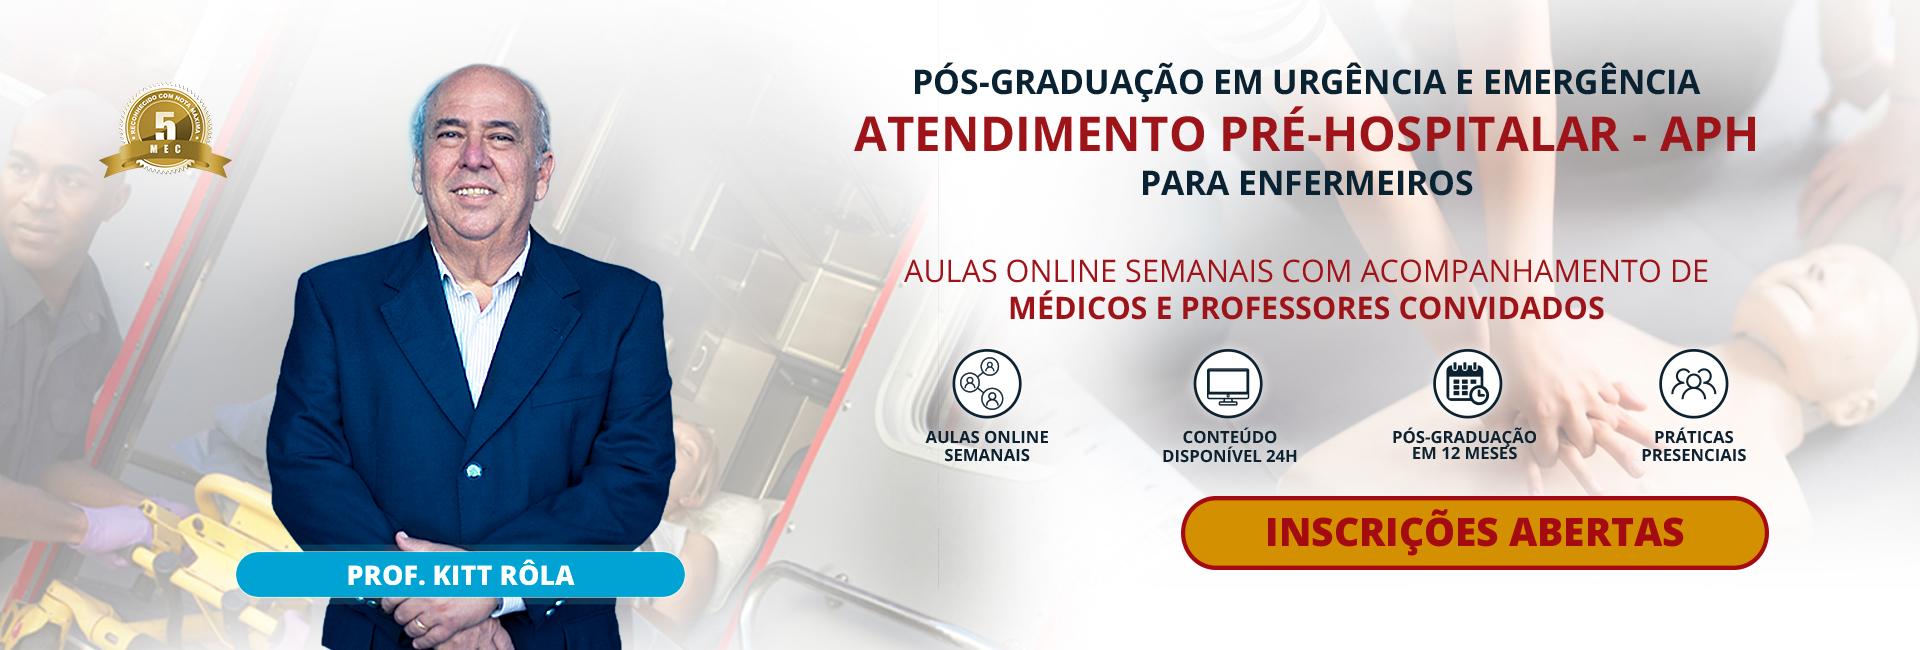 banner-urgencia-emergencia-atendimento-pre-hospitalar-aph-enfermeiros